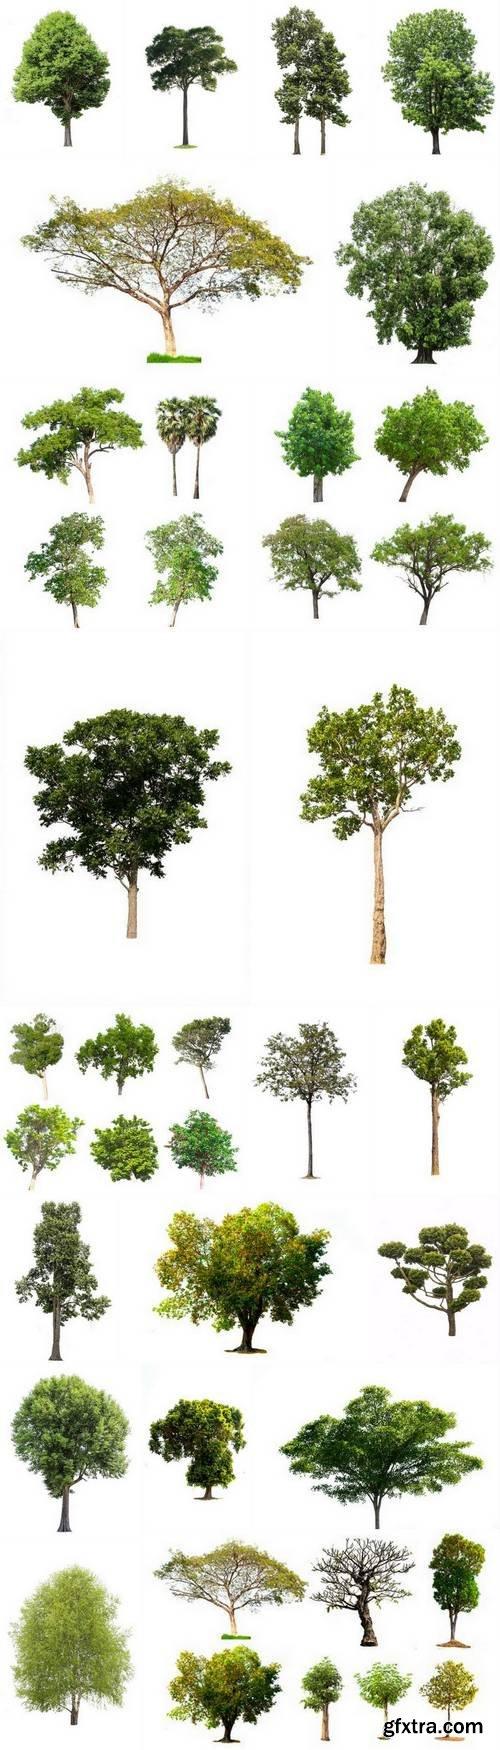 Tree Isolated on White Background 16